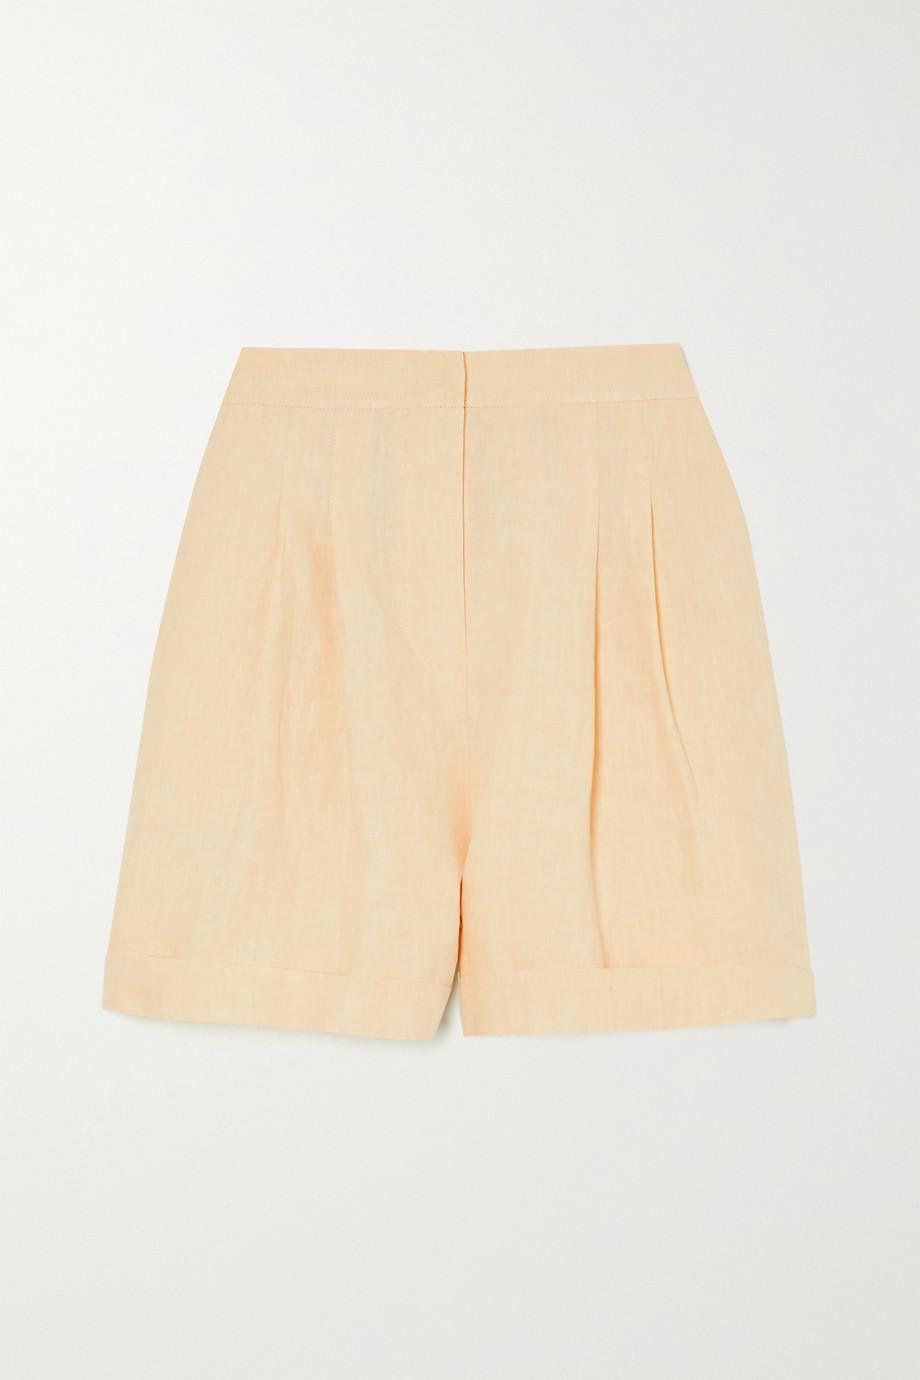 Le Kasha + NET SUSTAIN x LG Electronics pleated organic linen shorts